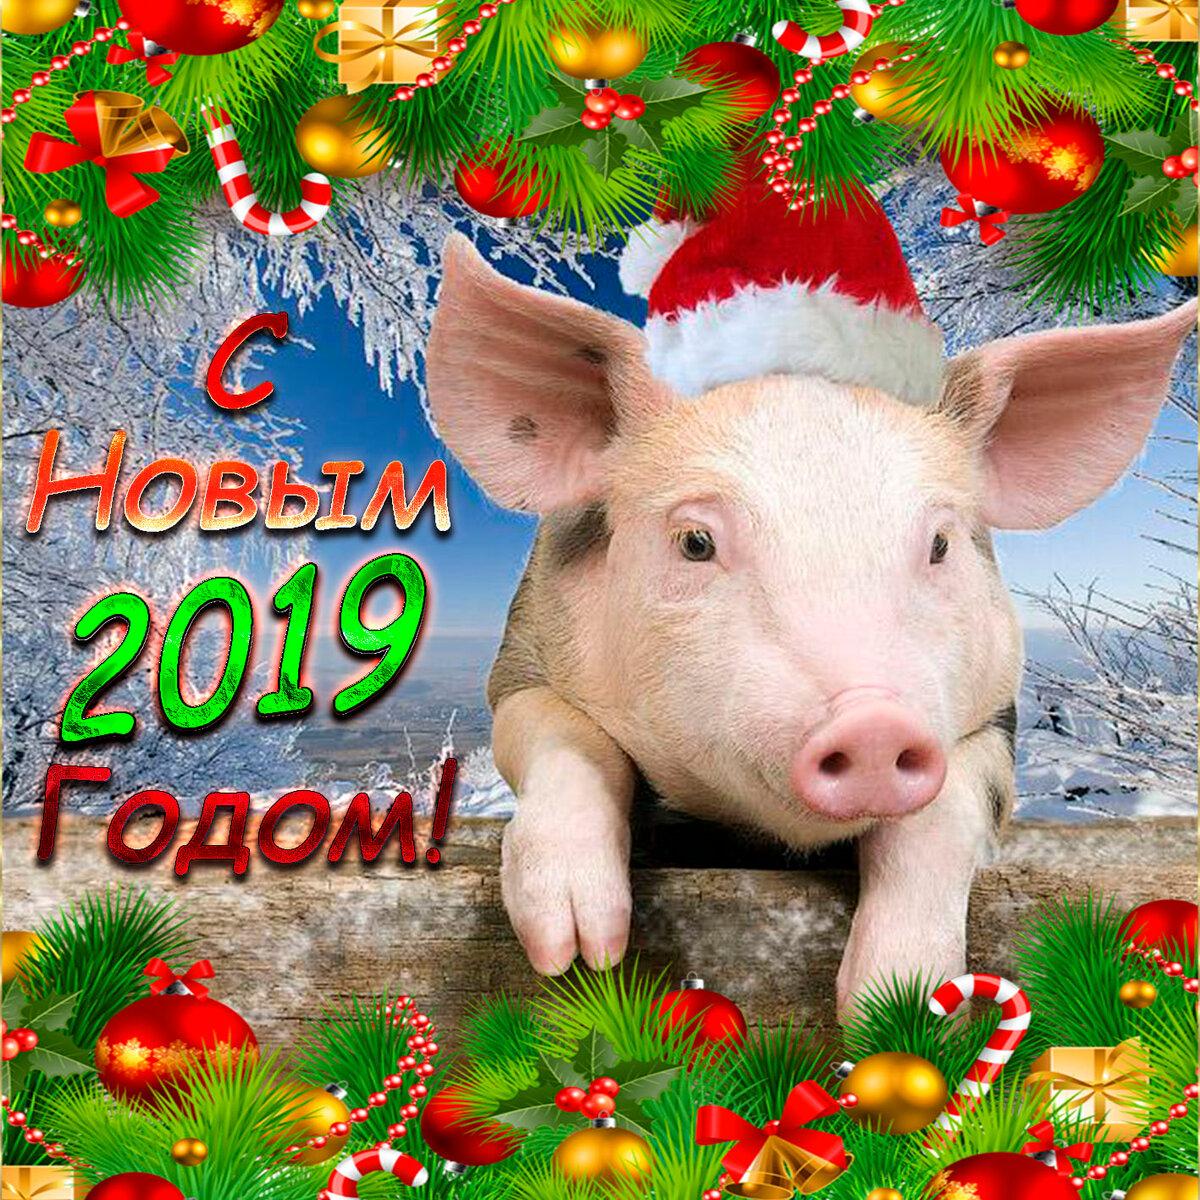 Картинки, поздравление с новым годом открытка 2019